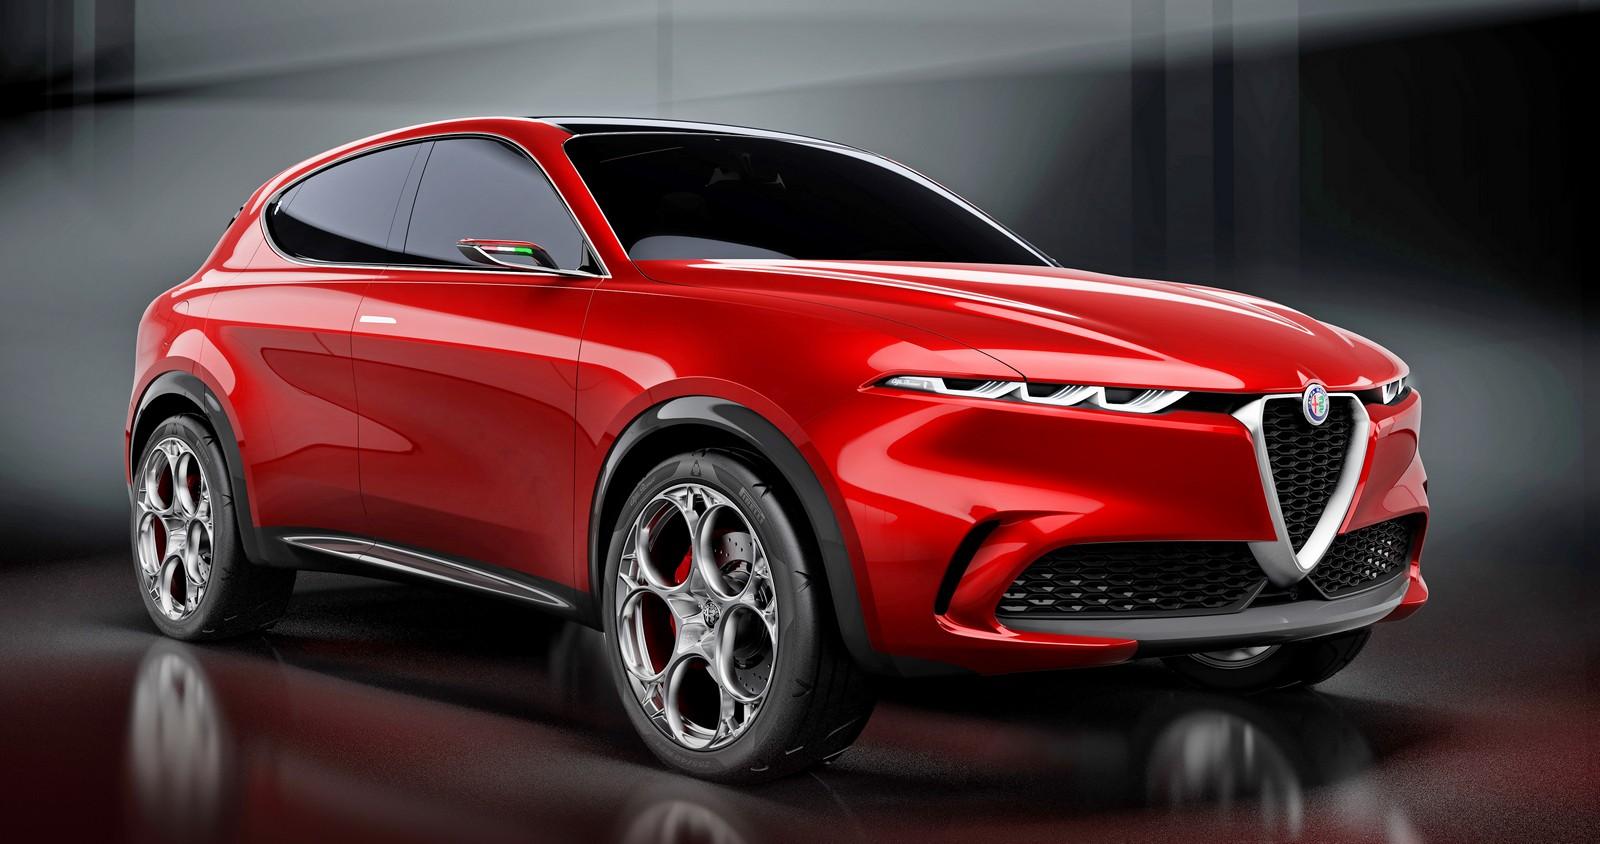 Фирма Alfa Romeo пересмотрела планы по выпуску новых моделей. Итальянцы решили отказаться от создания спорткаров и сконцентрироваться на кроссоверах.